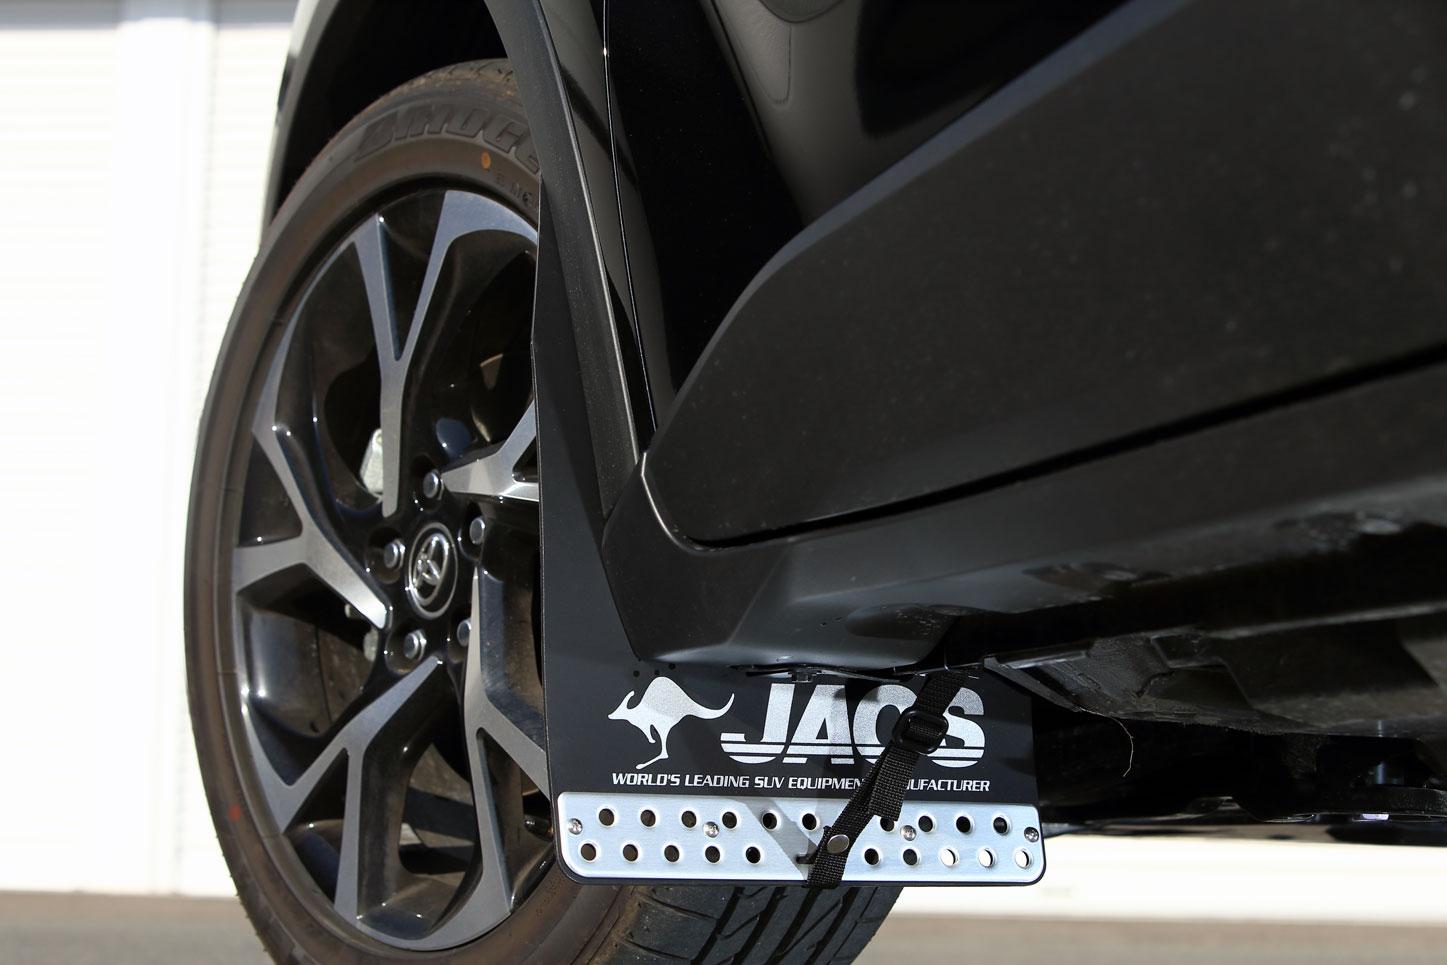 JAOS ジャオス マッドガード3 リヤセット ブラック〔B622140R〕トヨタ C-HR 16/12- ALL